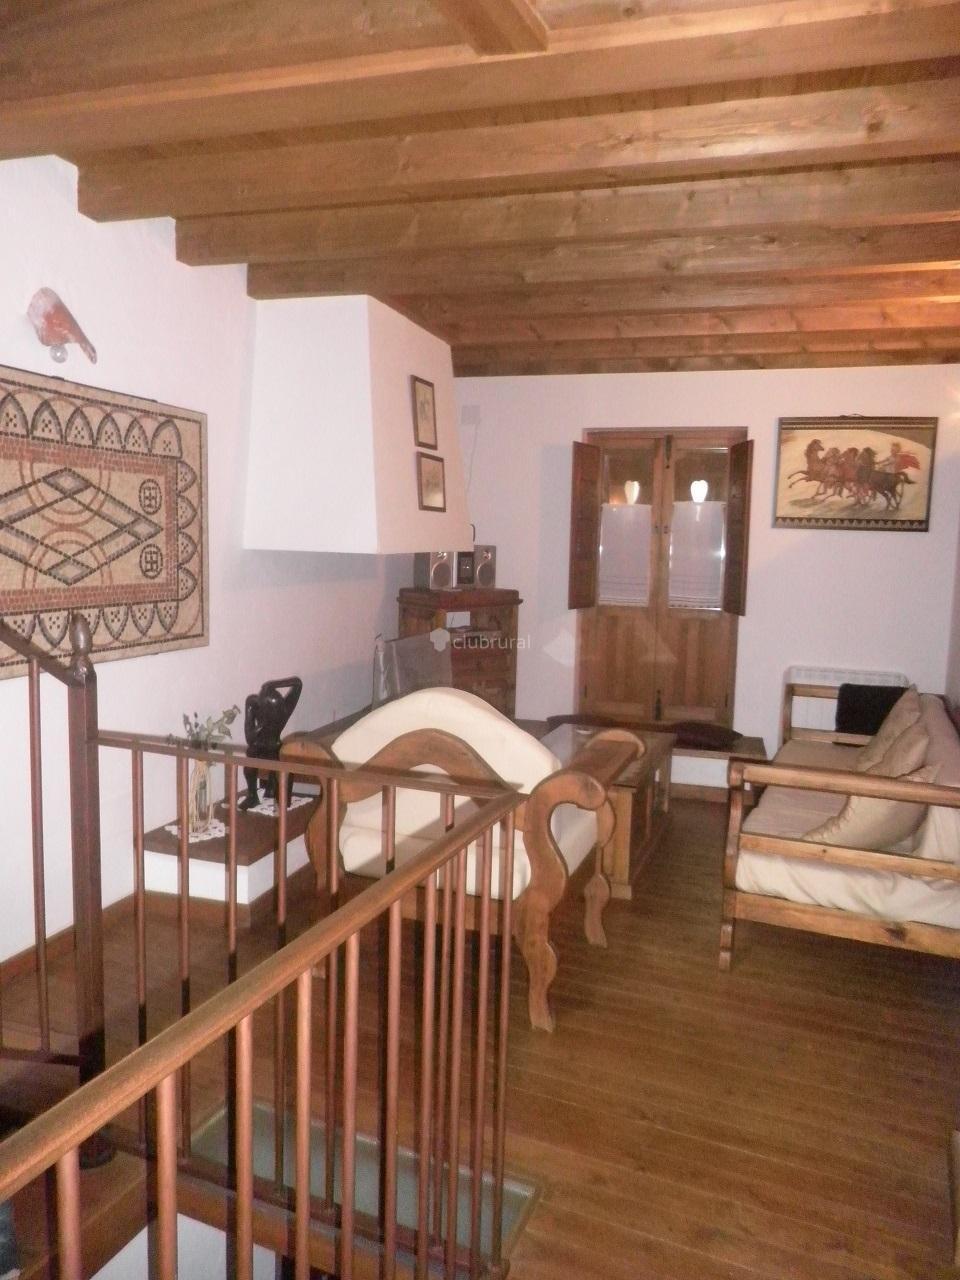 Fotos de el zapatero de sexifirmo vila piedrahita - Zapatero entrada casa ...